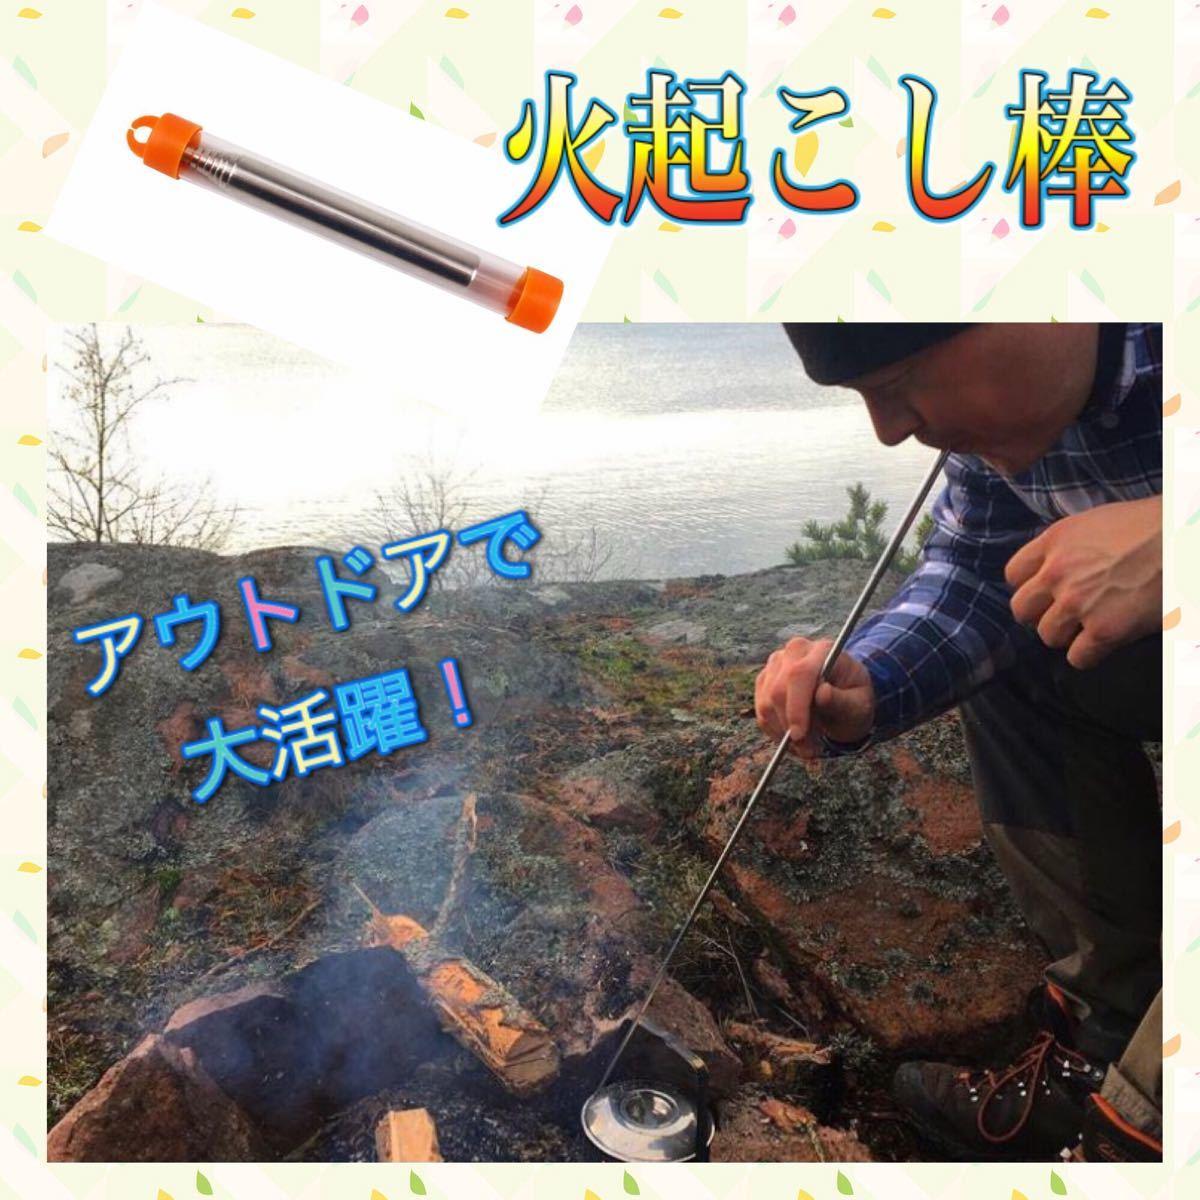 ★ 火起こし棒 ★ 火起こし ふいご ファイヤーブラスター BBQ キャンプ 焚き火